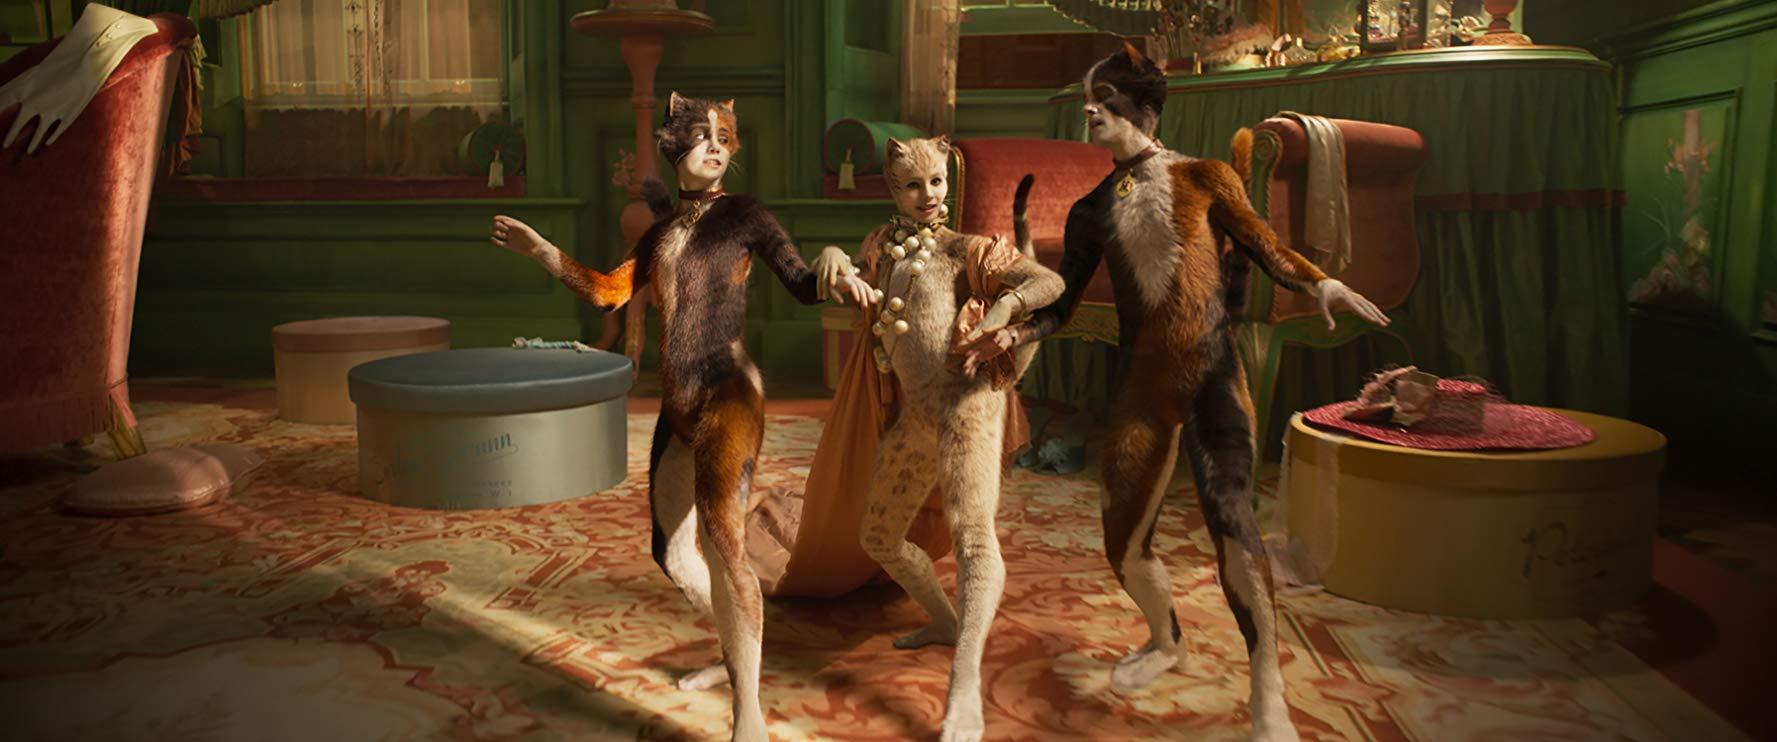 Cats: Naoimh Morgan, Francesca Hayward, Danny Collins in una scena del film